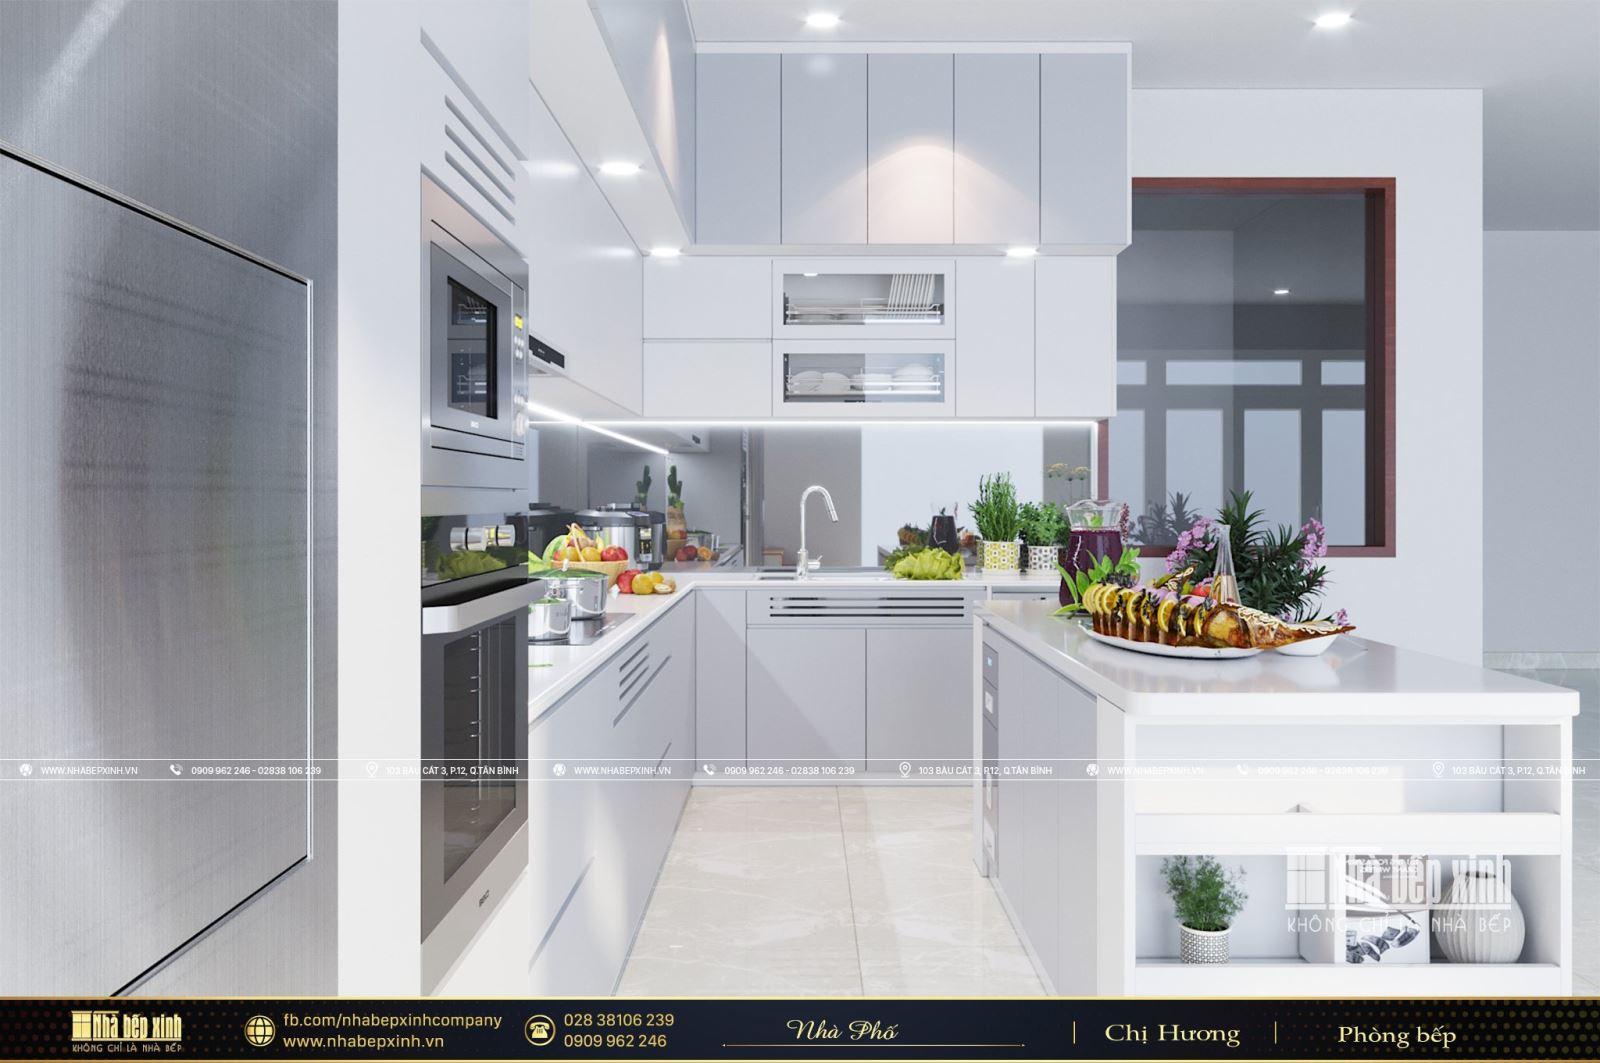 Thiết kế tủ bếp kết hợp bàn đảo tuyệt đẹp